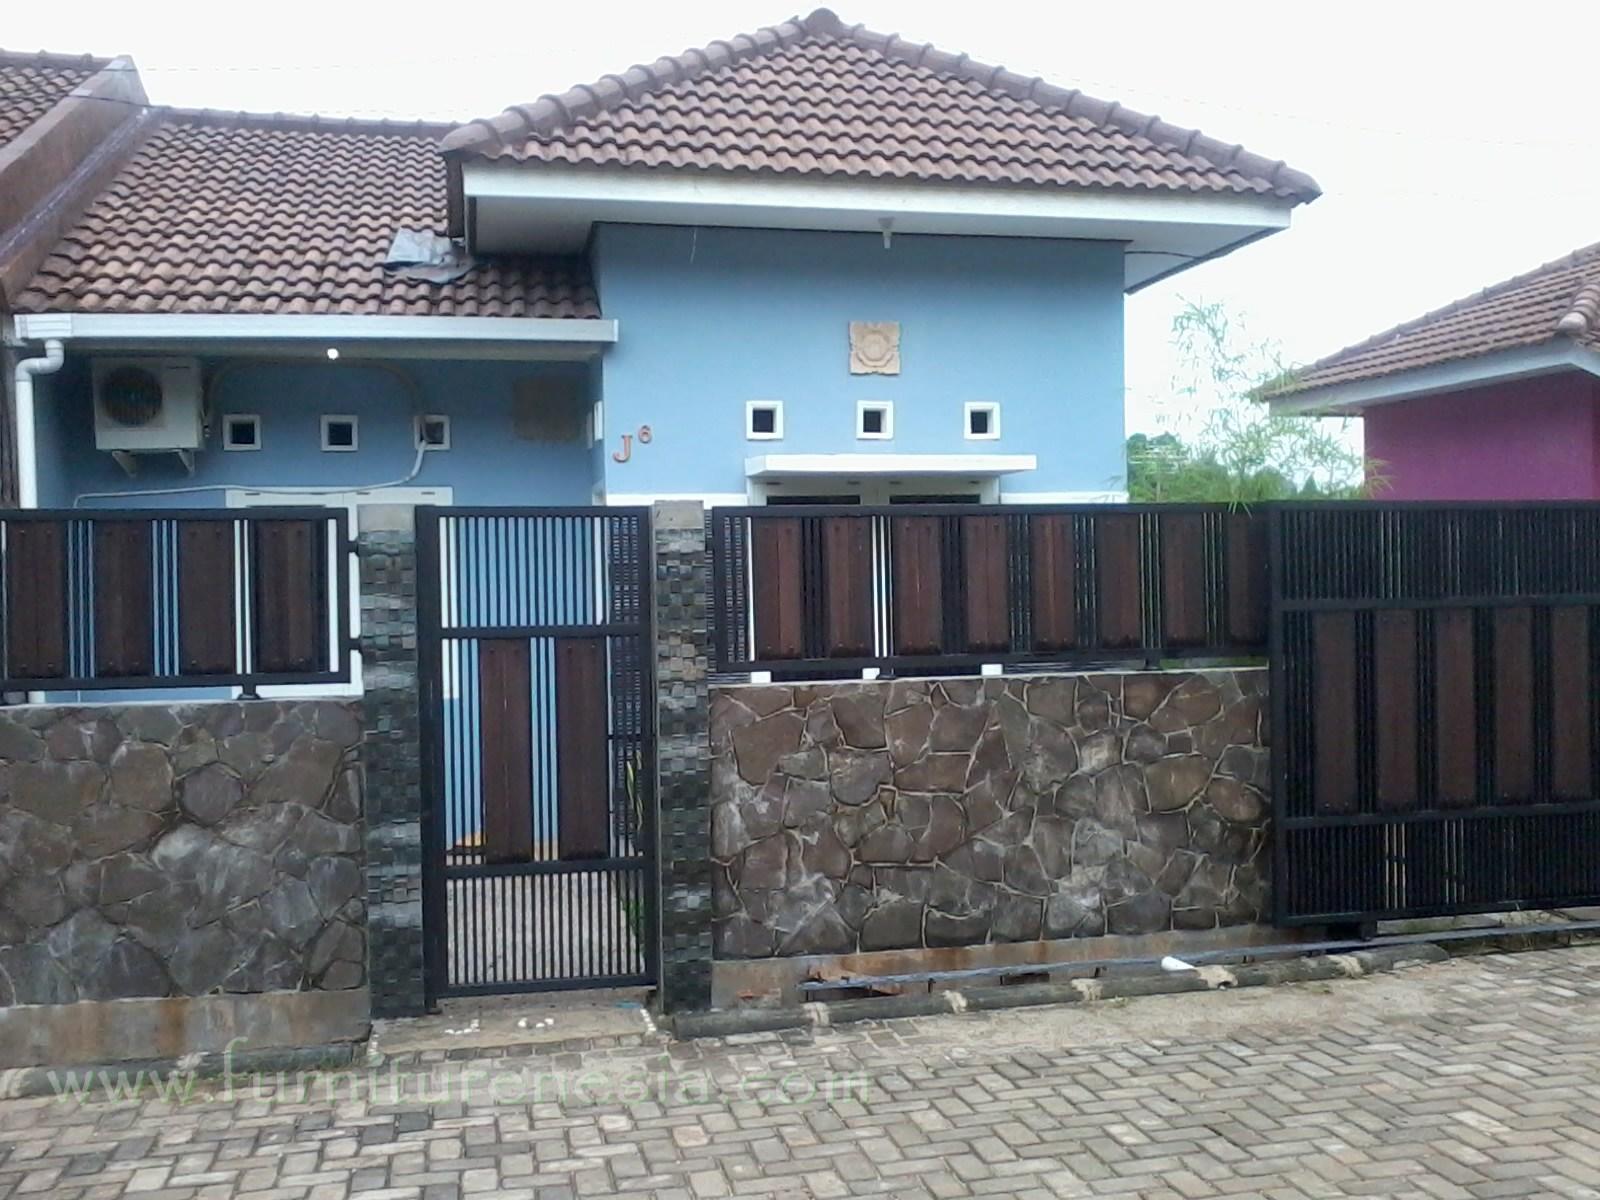 109 Pagar Rumah Minimalis Sederhana Type 36 Gambar Desain Rumah